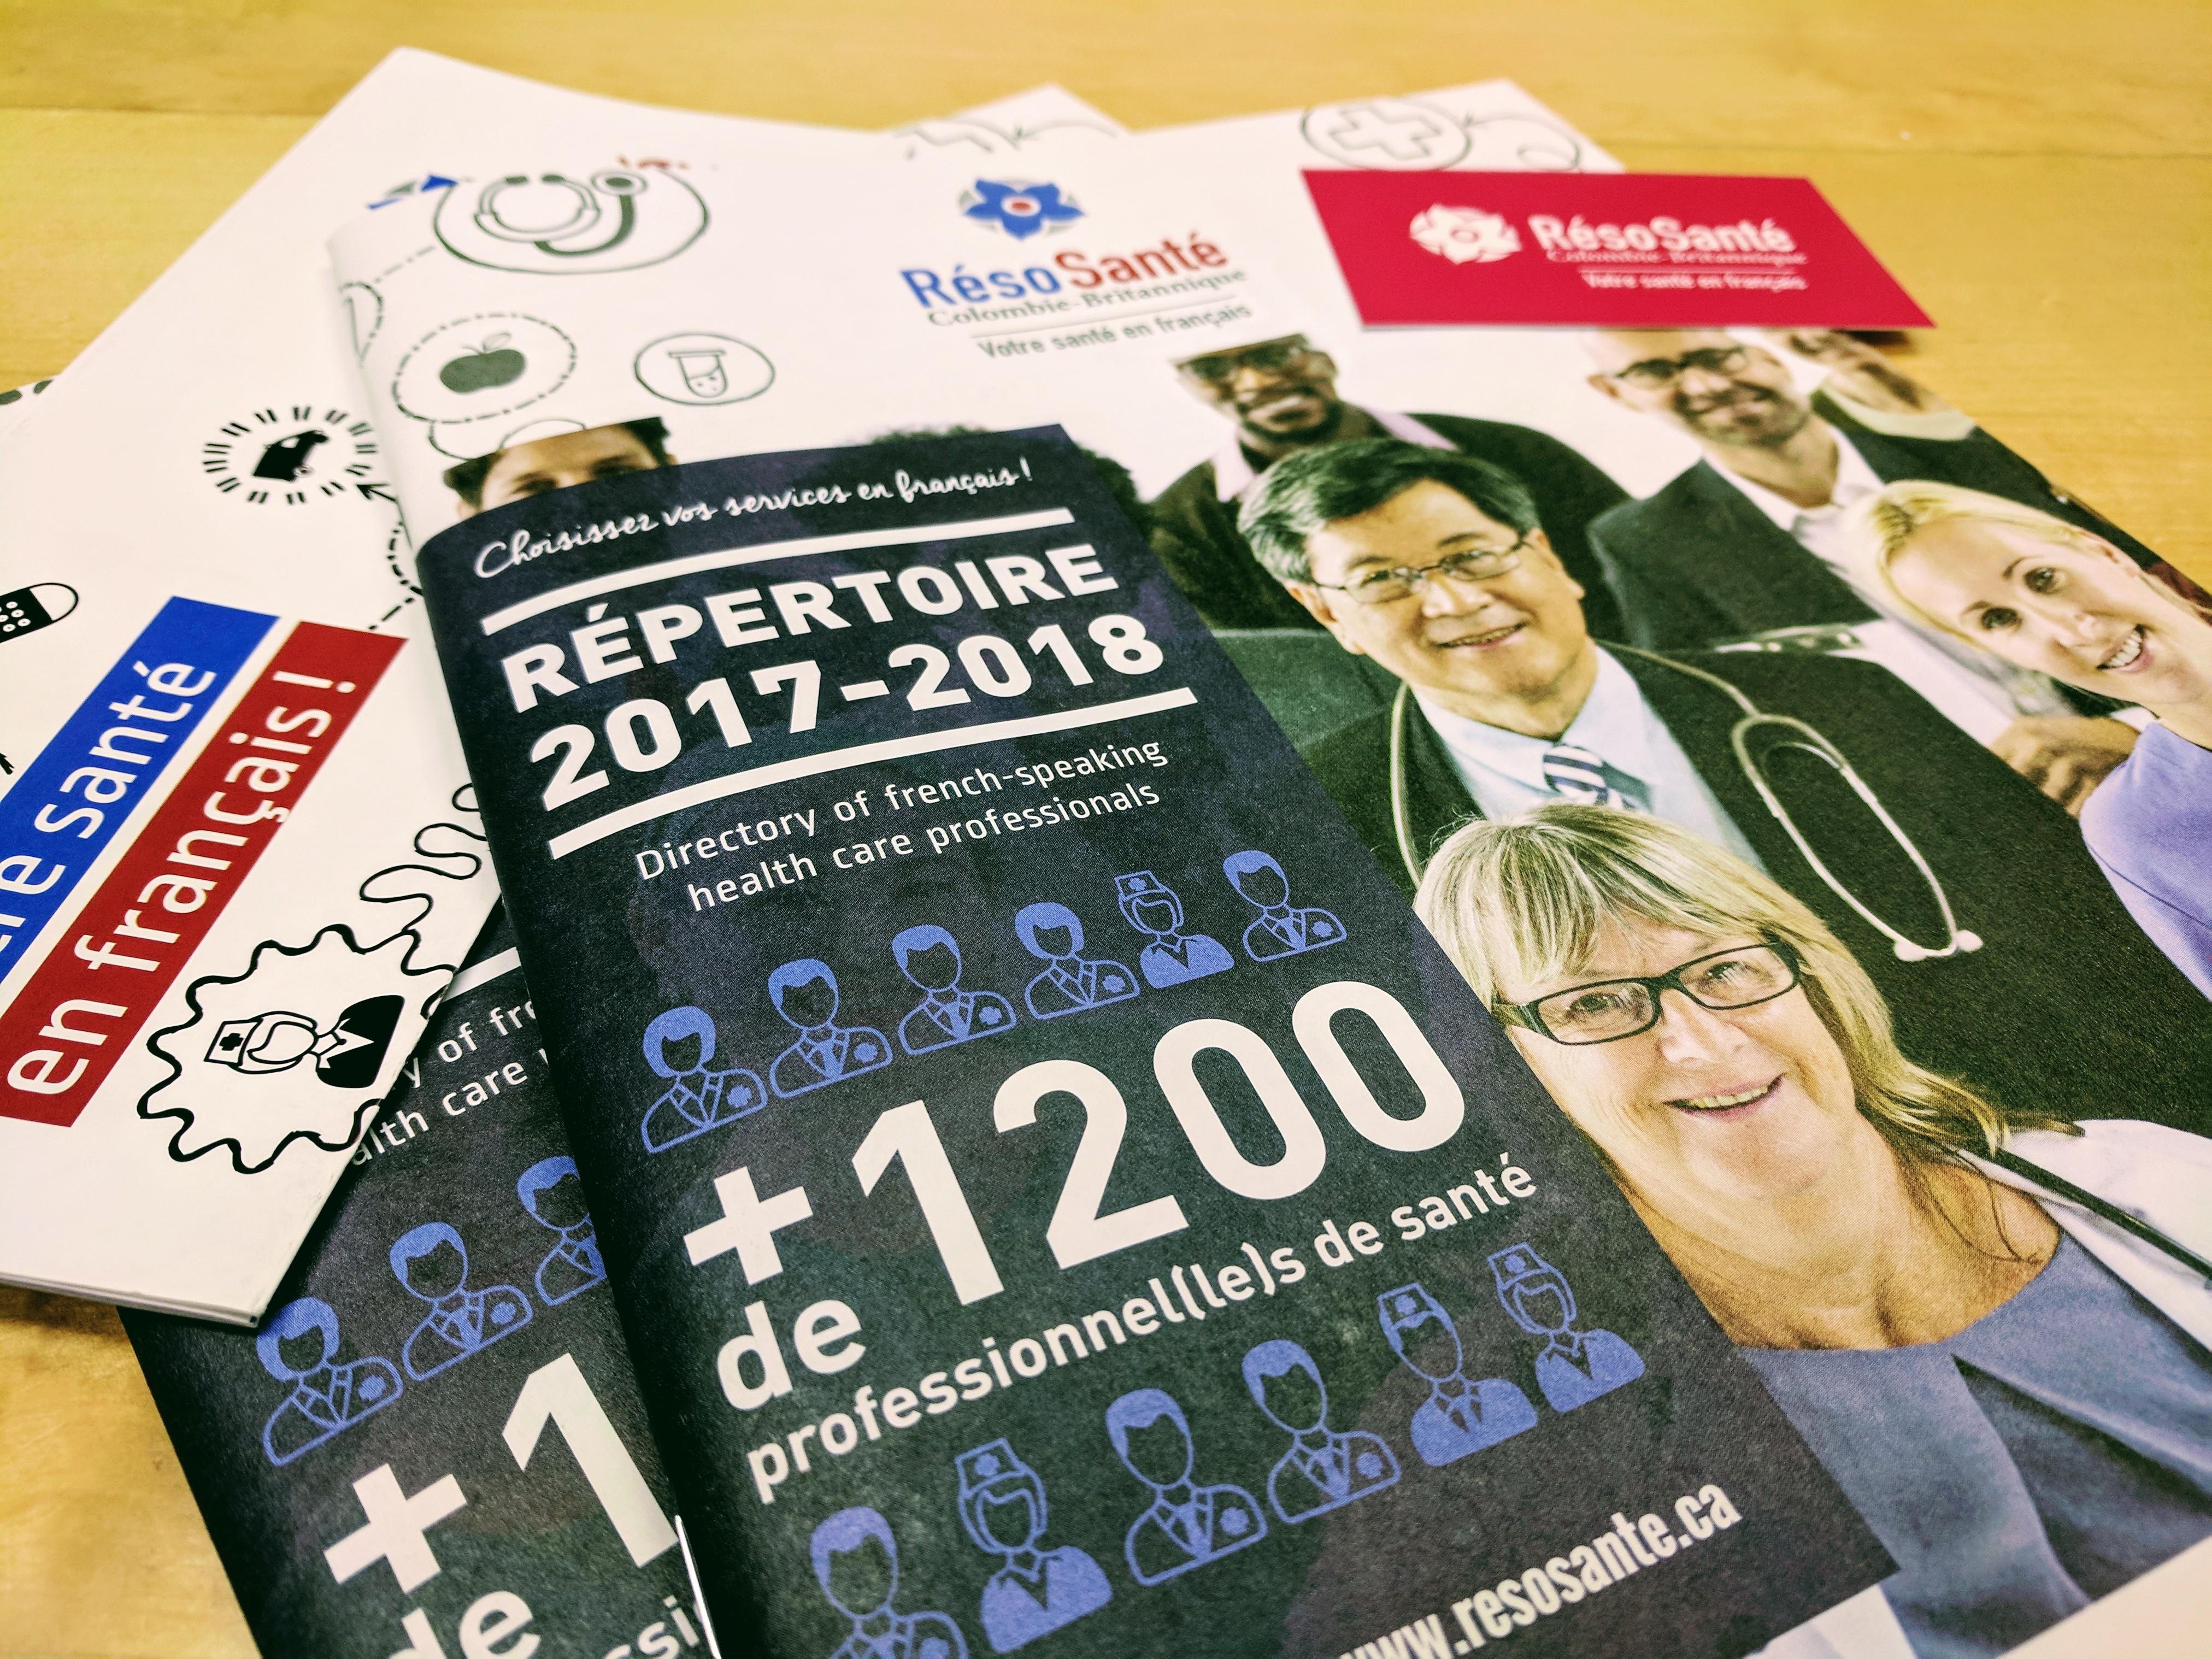 La couverture du Répertoire 2017-2018